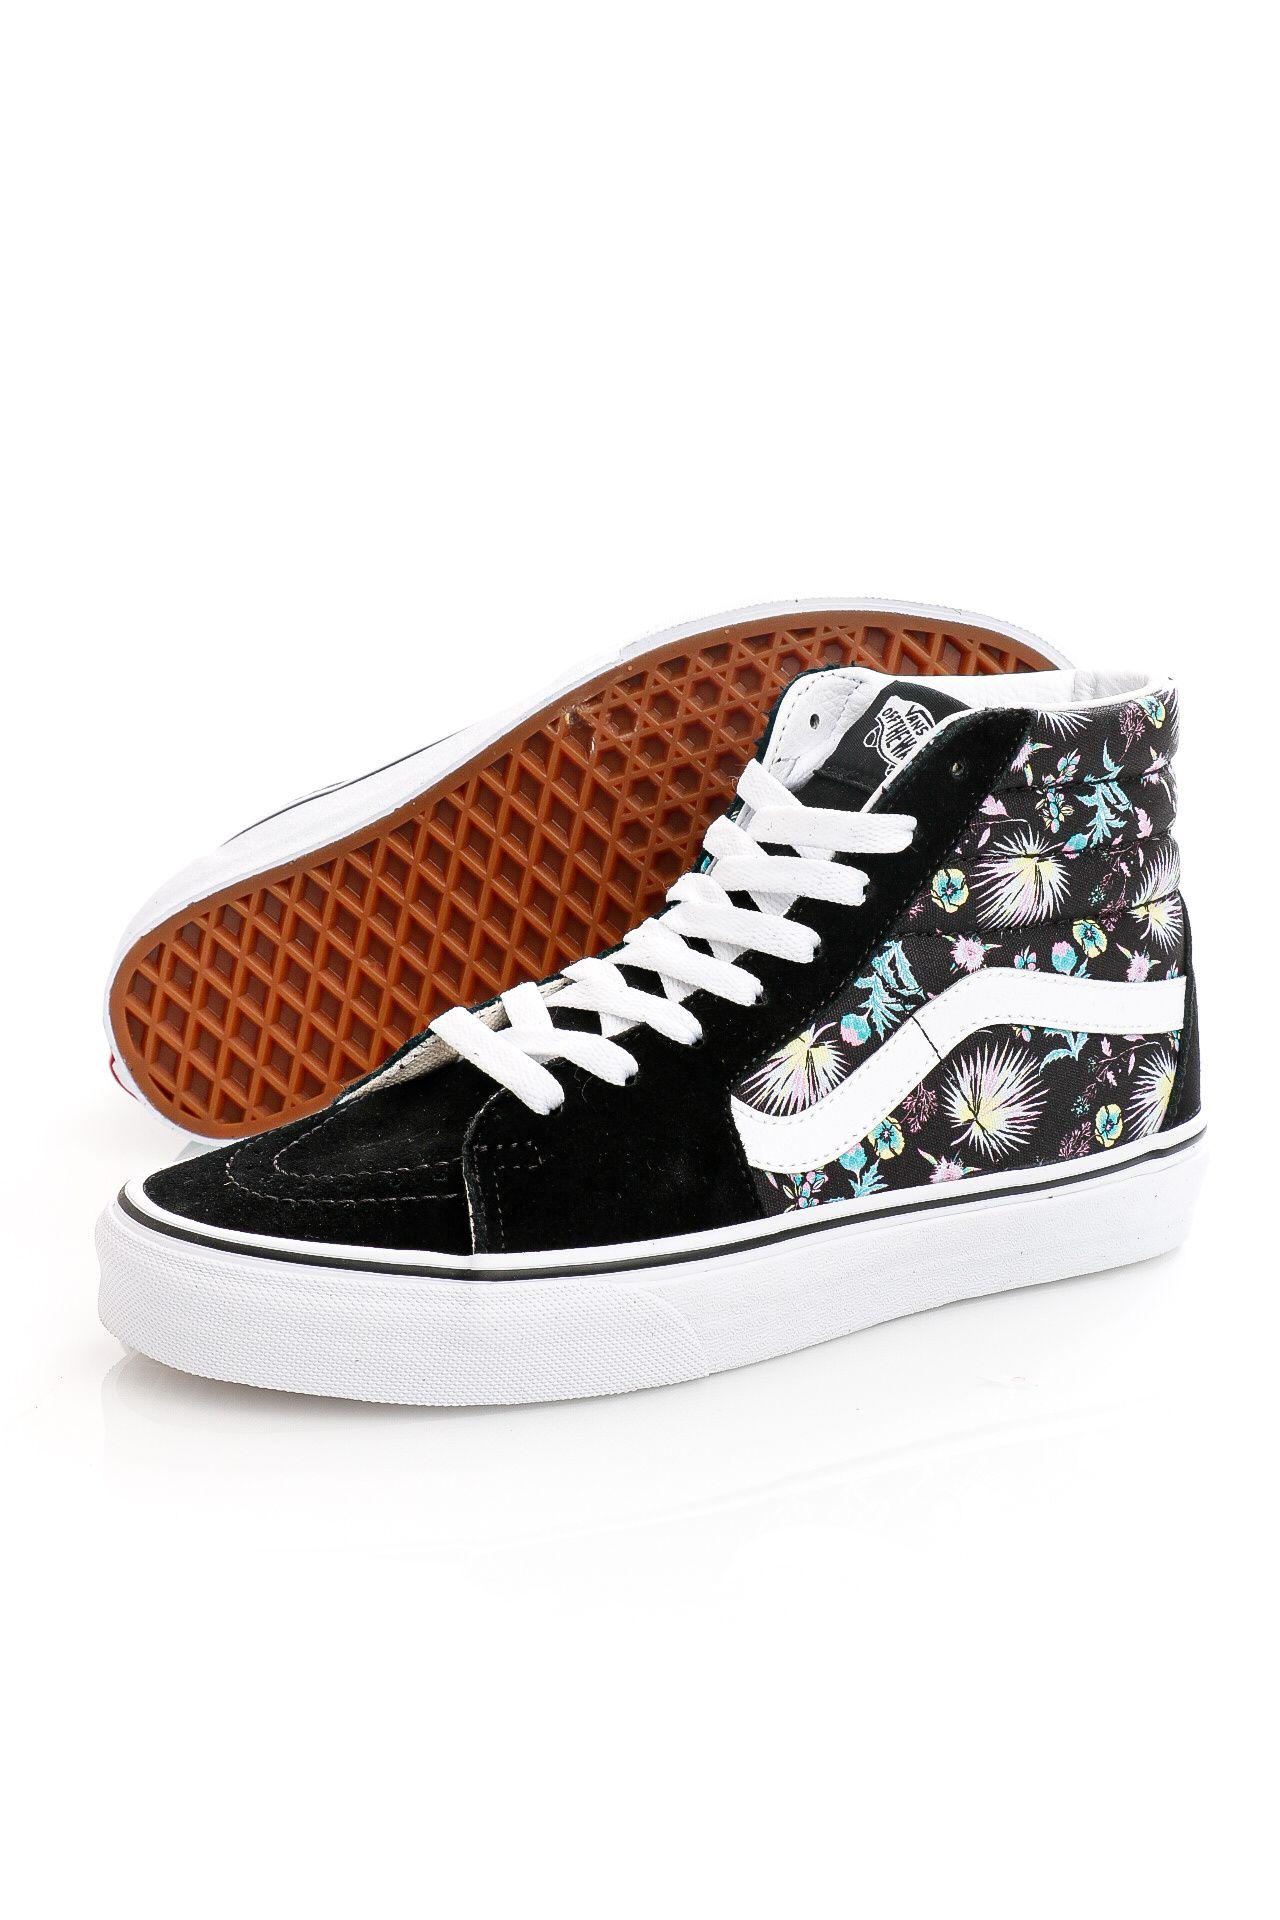 Afbeelding van Vans Sneakers UA SK8-Hi (PARADISE FLORAL) Black/True White VN0A32QG3VD1